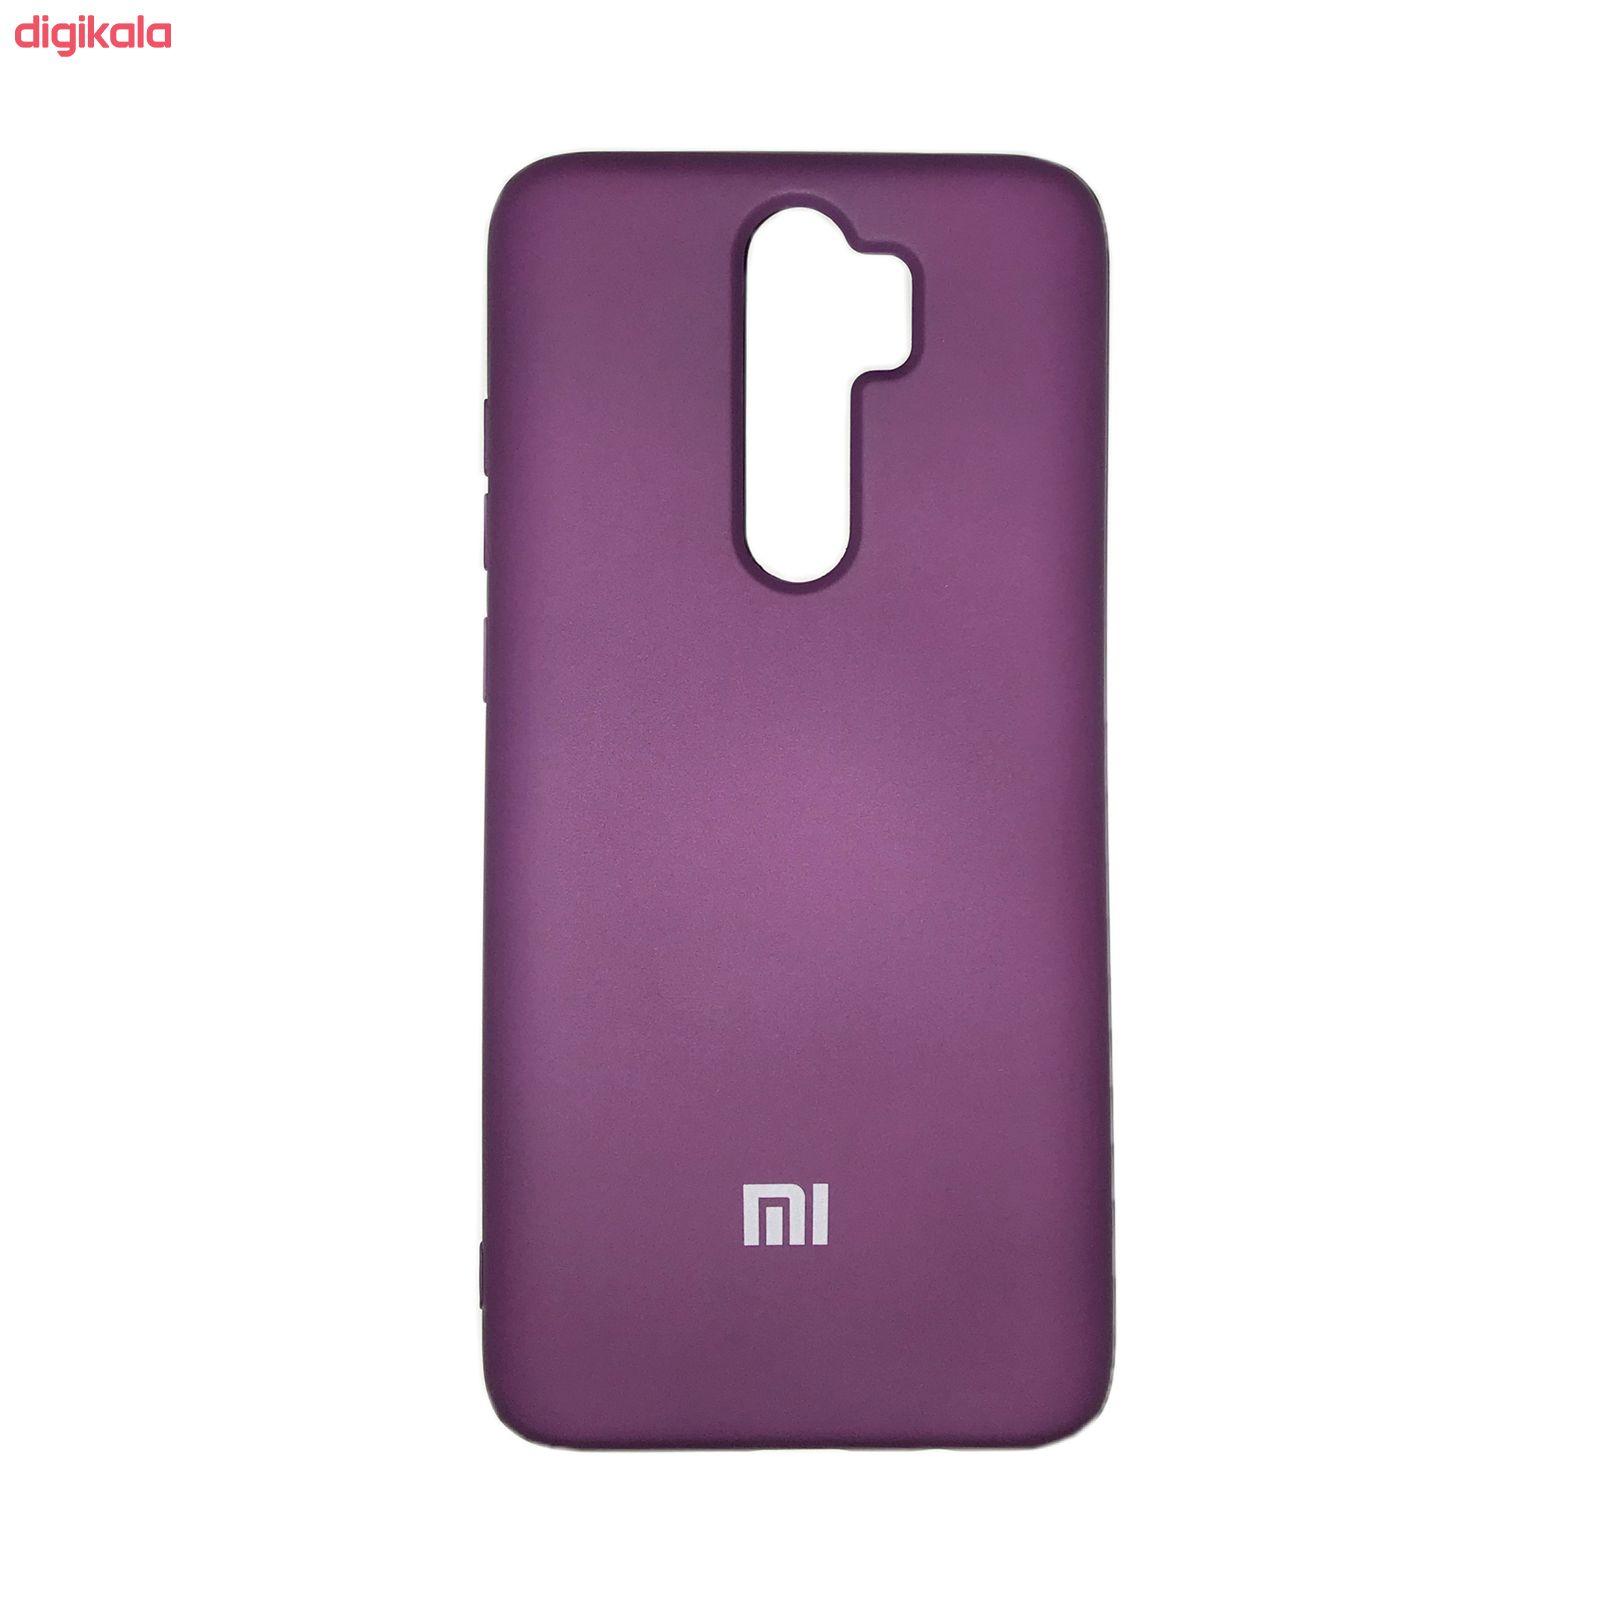 کاور مدل SIL-60 مناسب برای گوشی موبایل شیائومی Redmi Note 8 Pro main 1 3